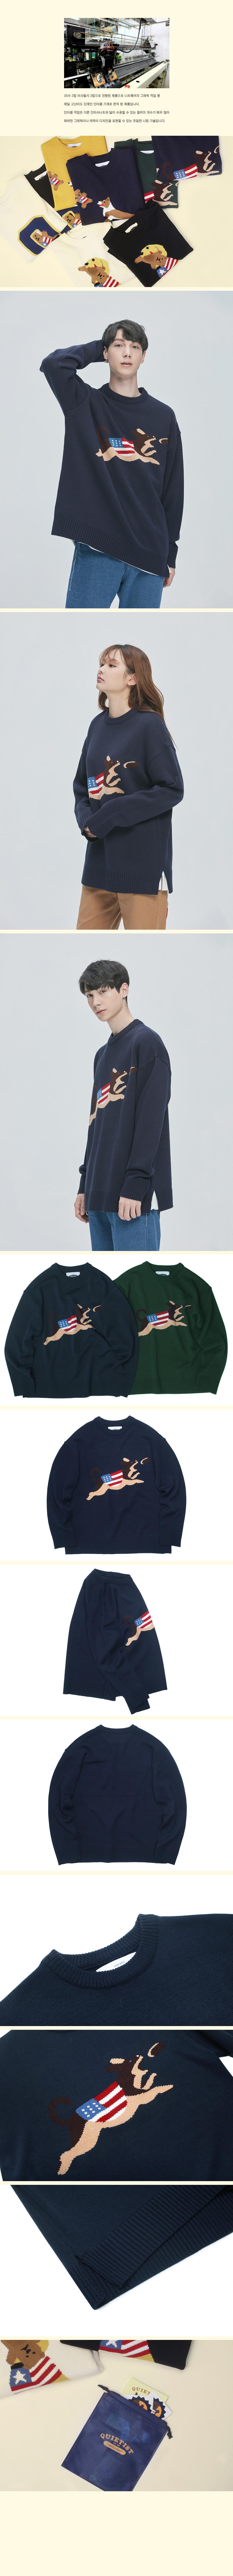 USA Jump Dog Knit Sweater (navy)